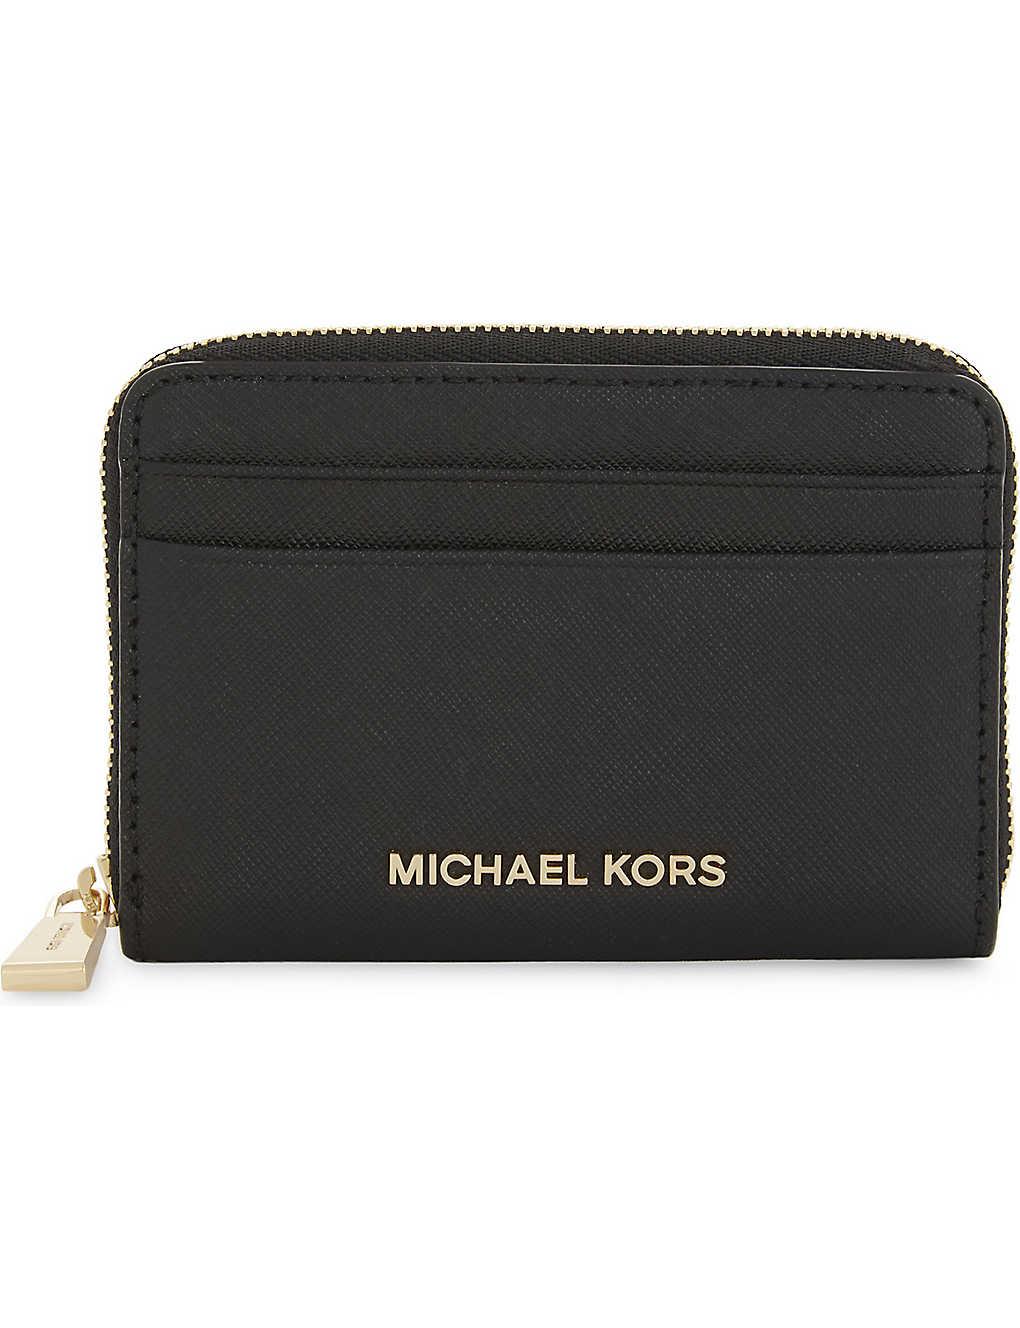 931627c6e73510 MICHAEL MICHAEL KORS - Money Pieces Saffiano leather zipped card ...